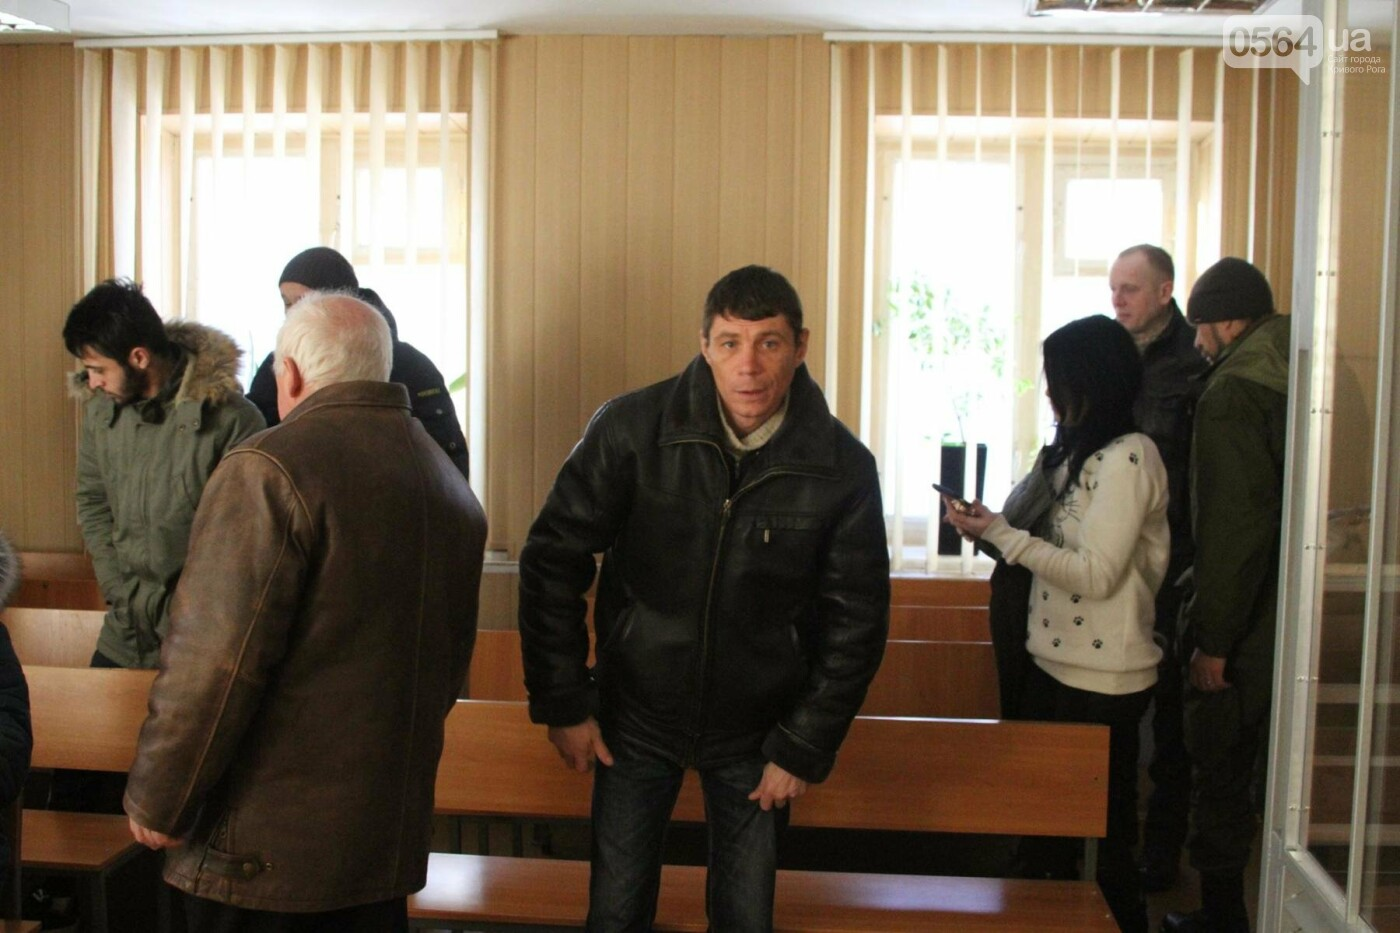 В Криввом Роге: водитель умер прямо в маршрутке, нашли труп животного без шкуры, судят осквернителя флага Украины, фото-3